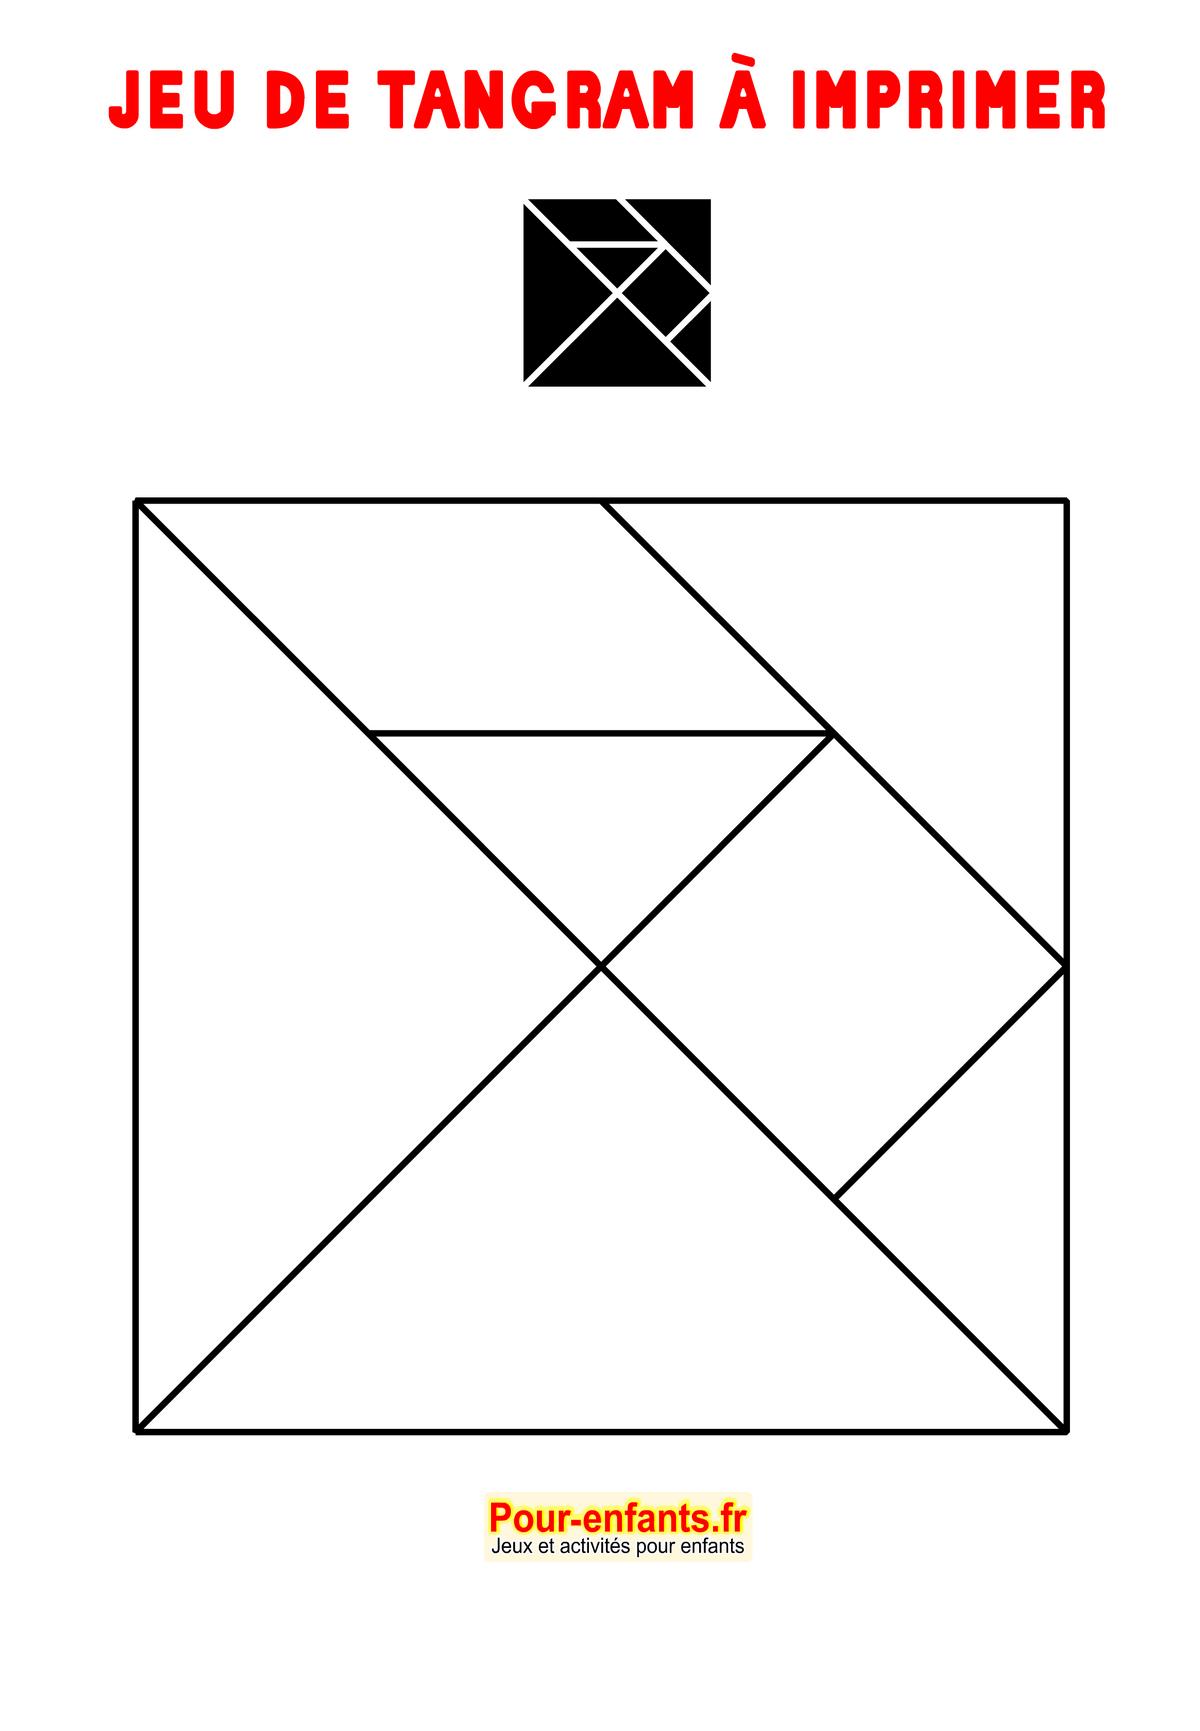 Tangram À Imprimer Maternelle Gratuit Jeux Tangrams avec Jeux Maternelle Petite Section Gratuit